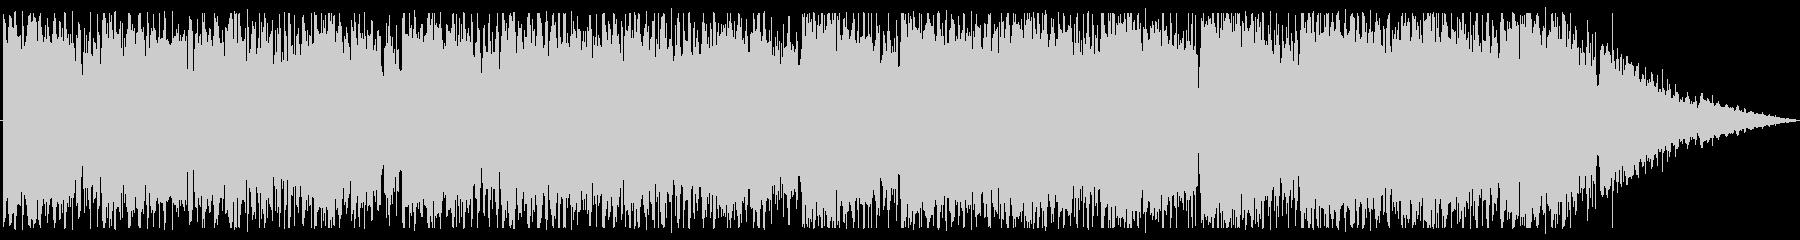 切ない雰囲気で透明感のあるBGMの未再生の波形